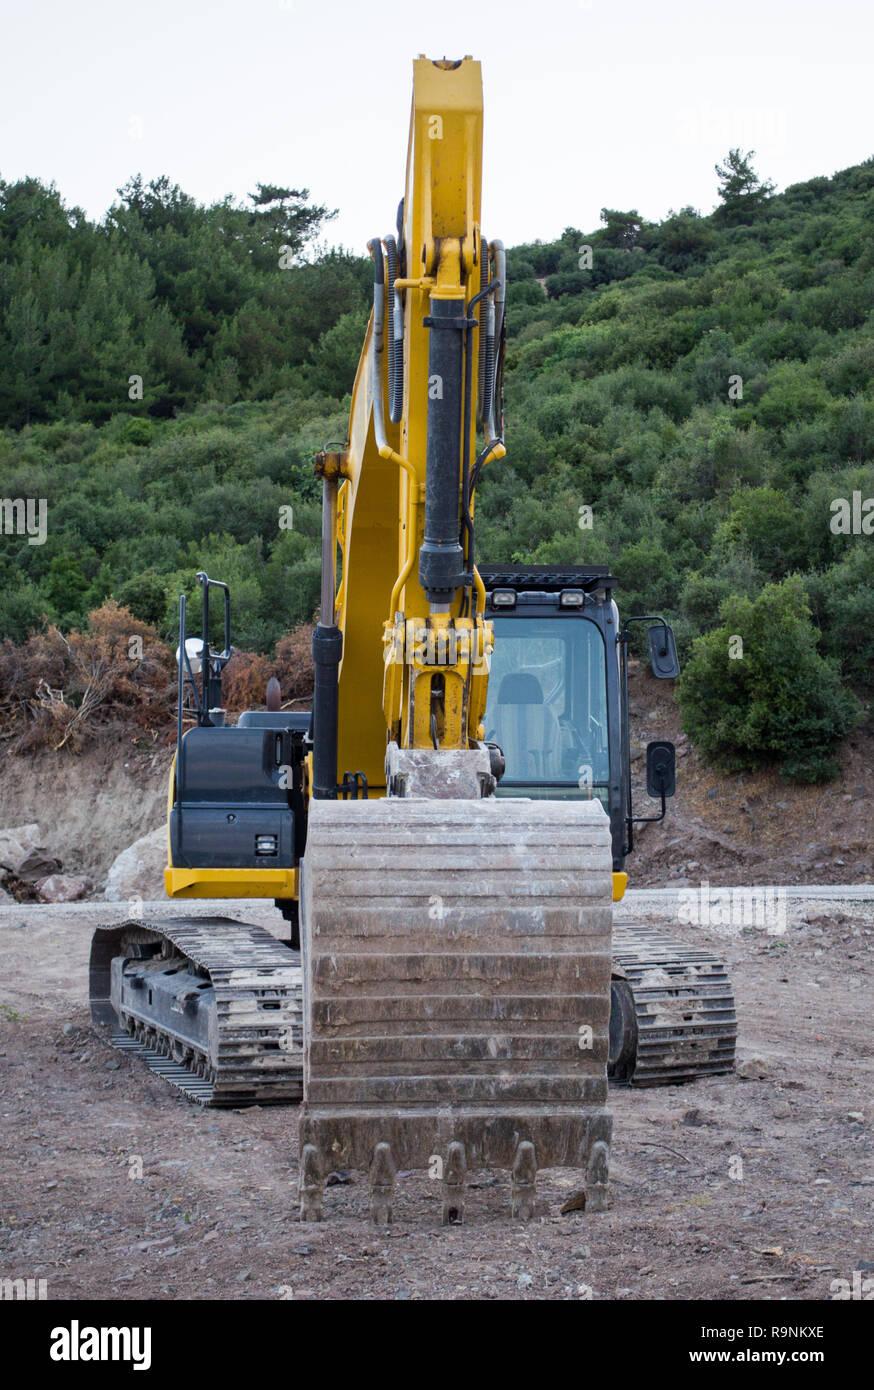 En la excavadora sitio en construcción Foto de stock